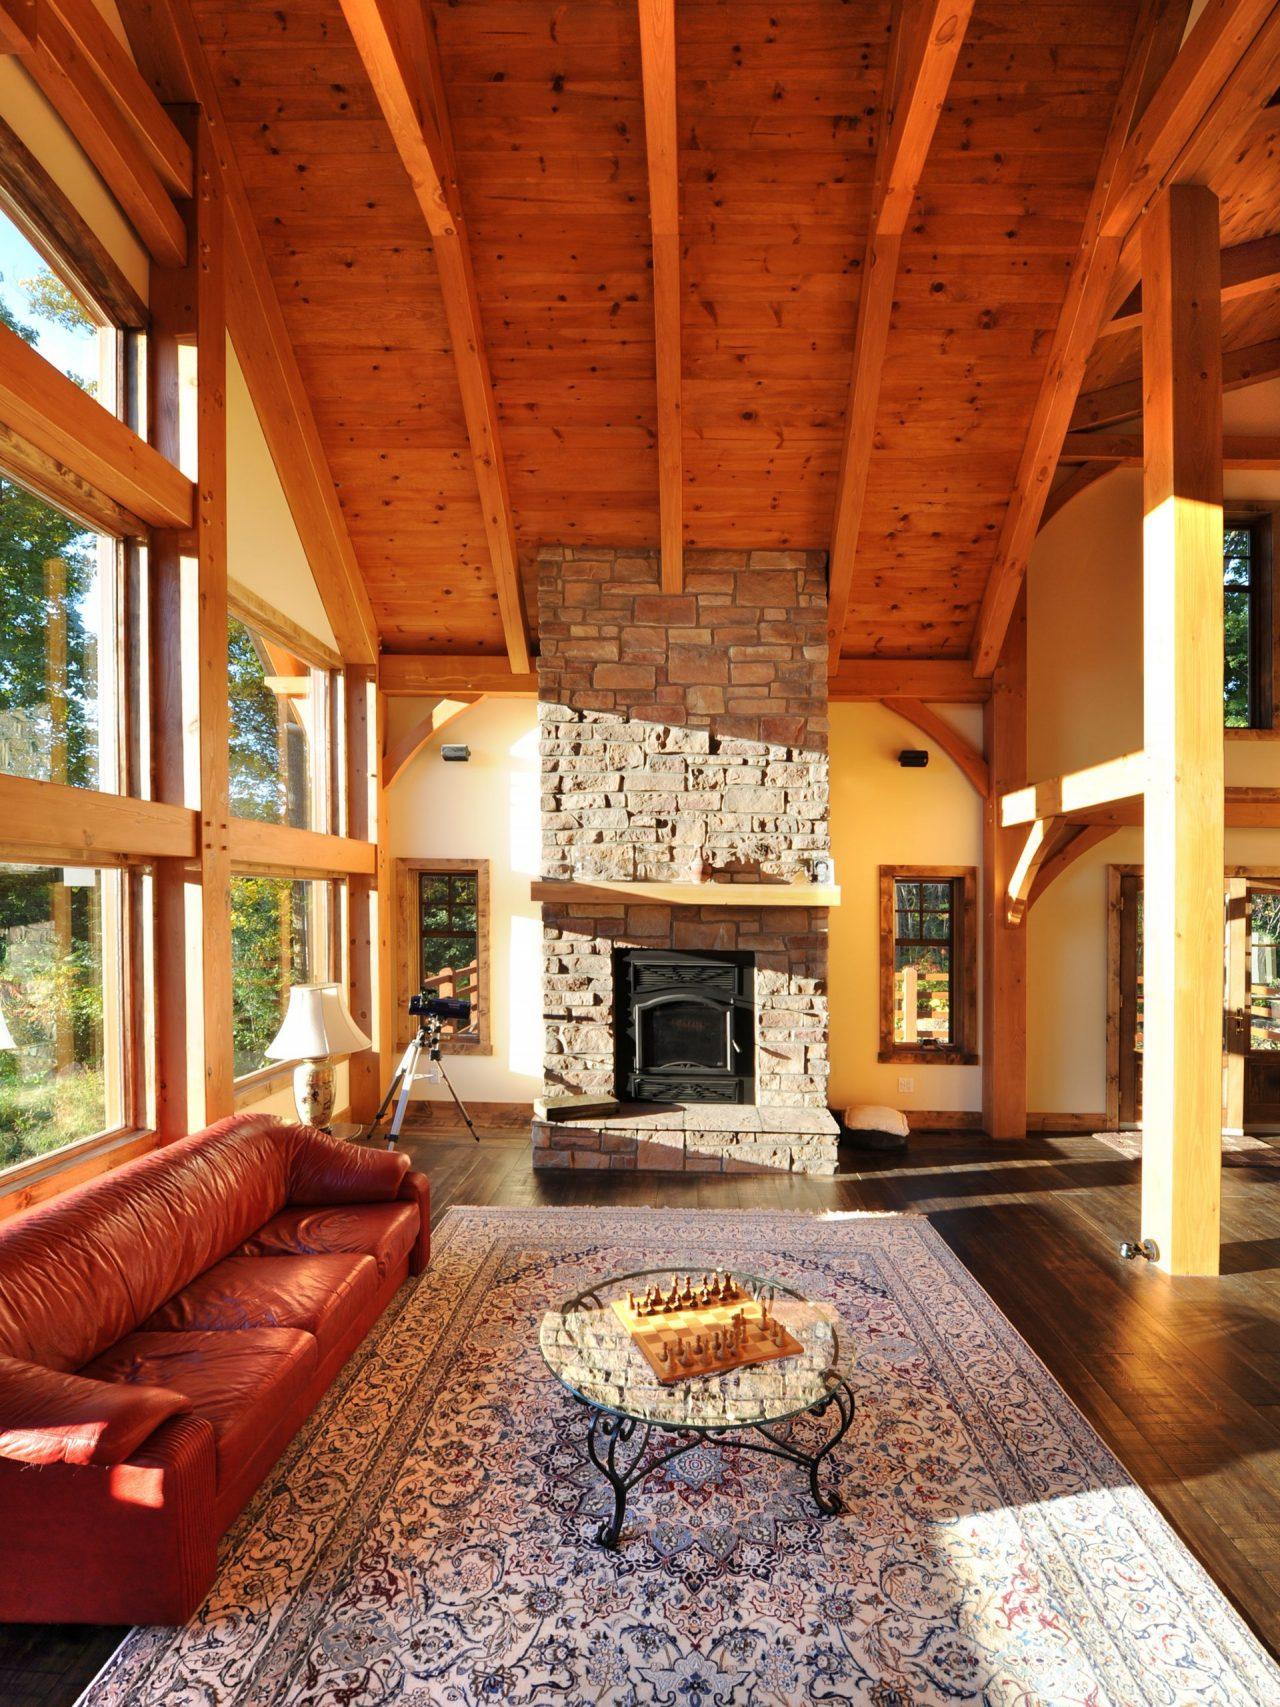 kalmia realisation classique kyo interieur timberframe foyer